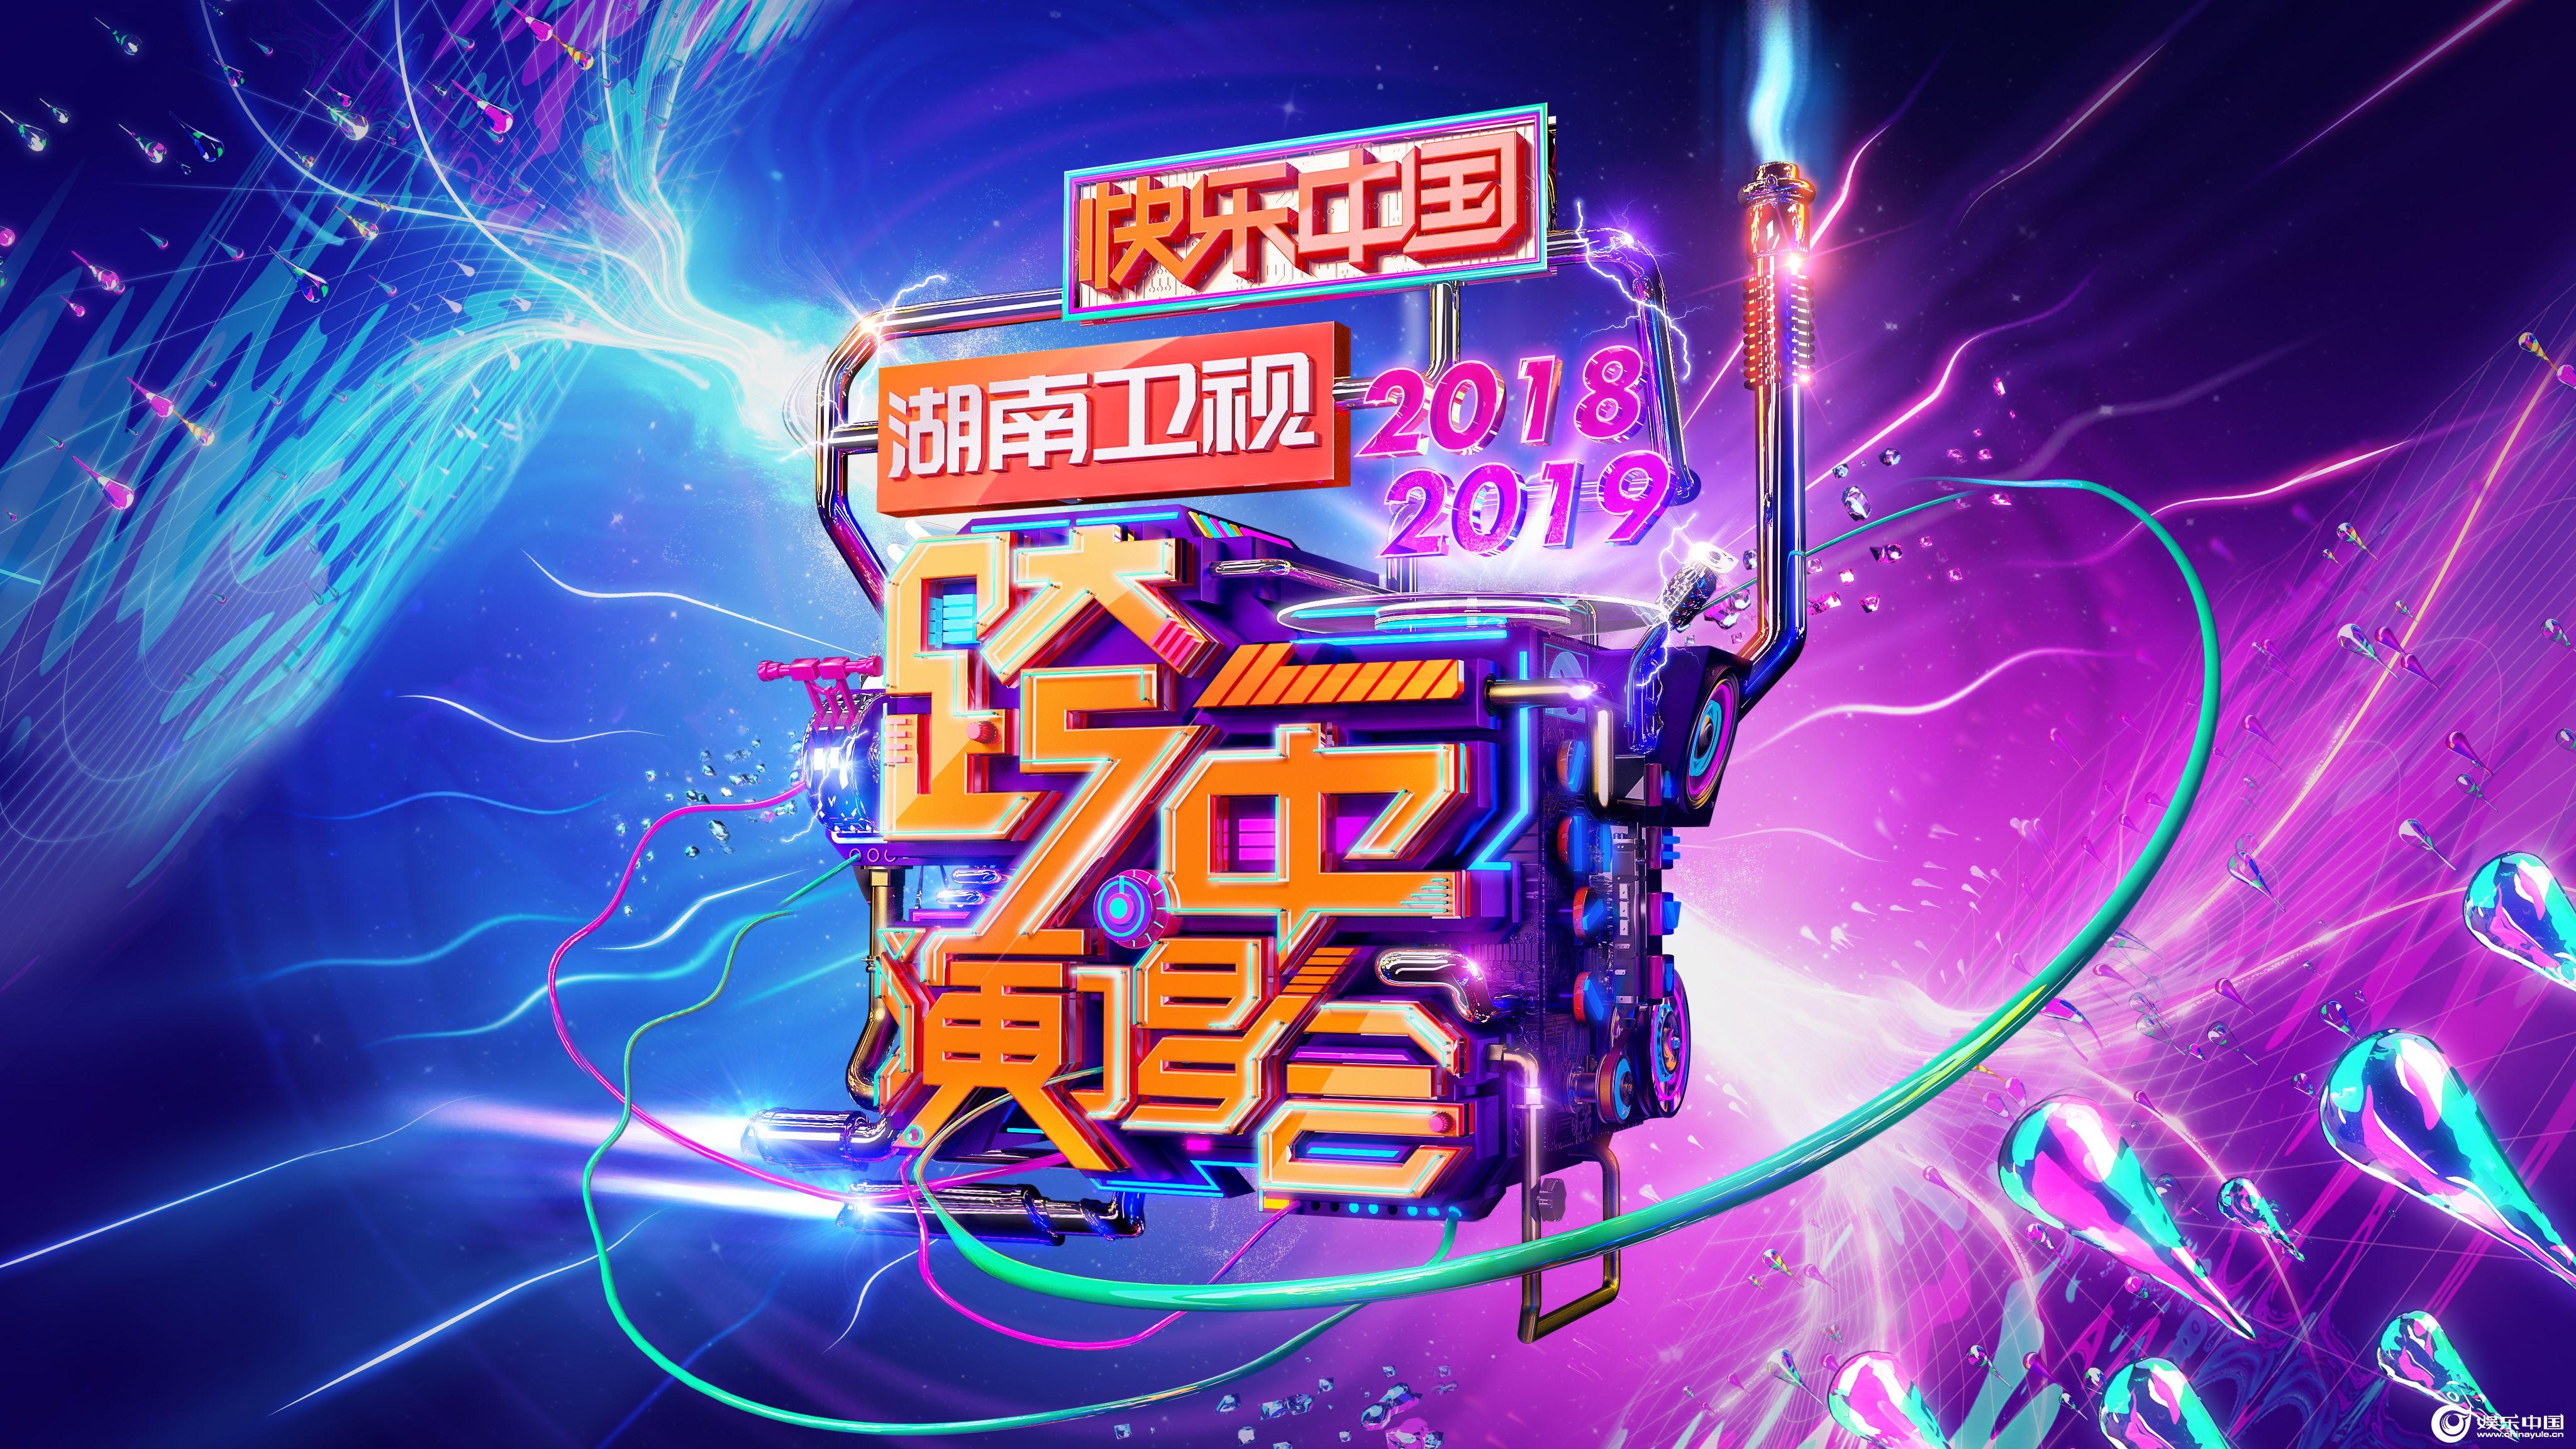 2018-2019湖南卫视跨年演唱会